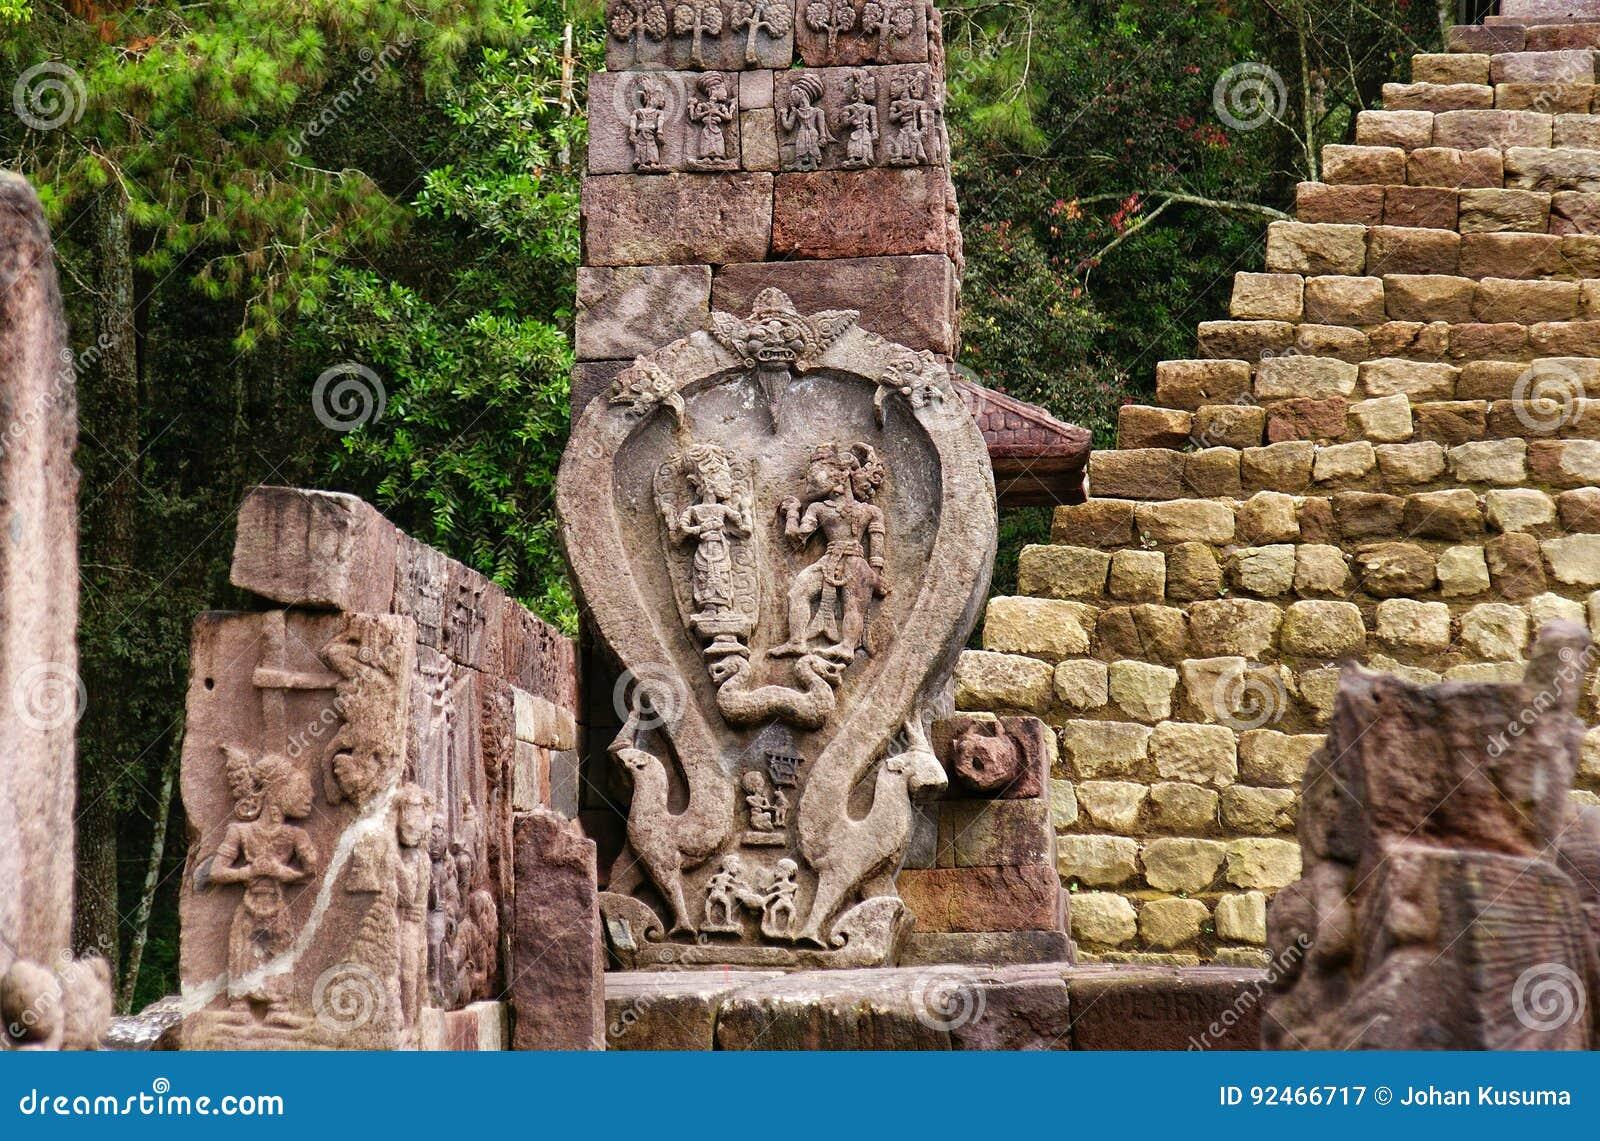 Sukuh tempel/Candi Sukuh